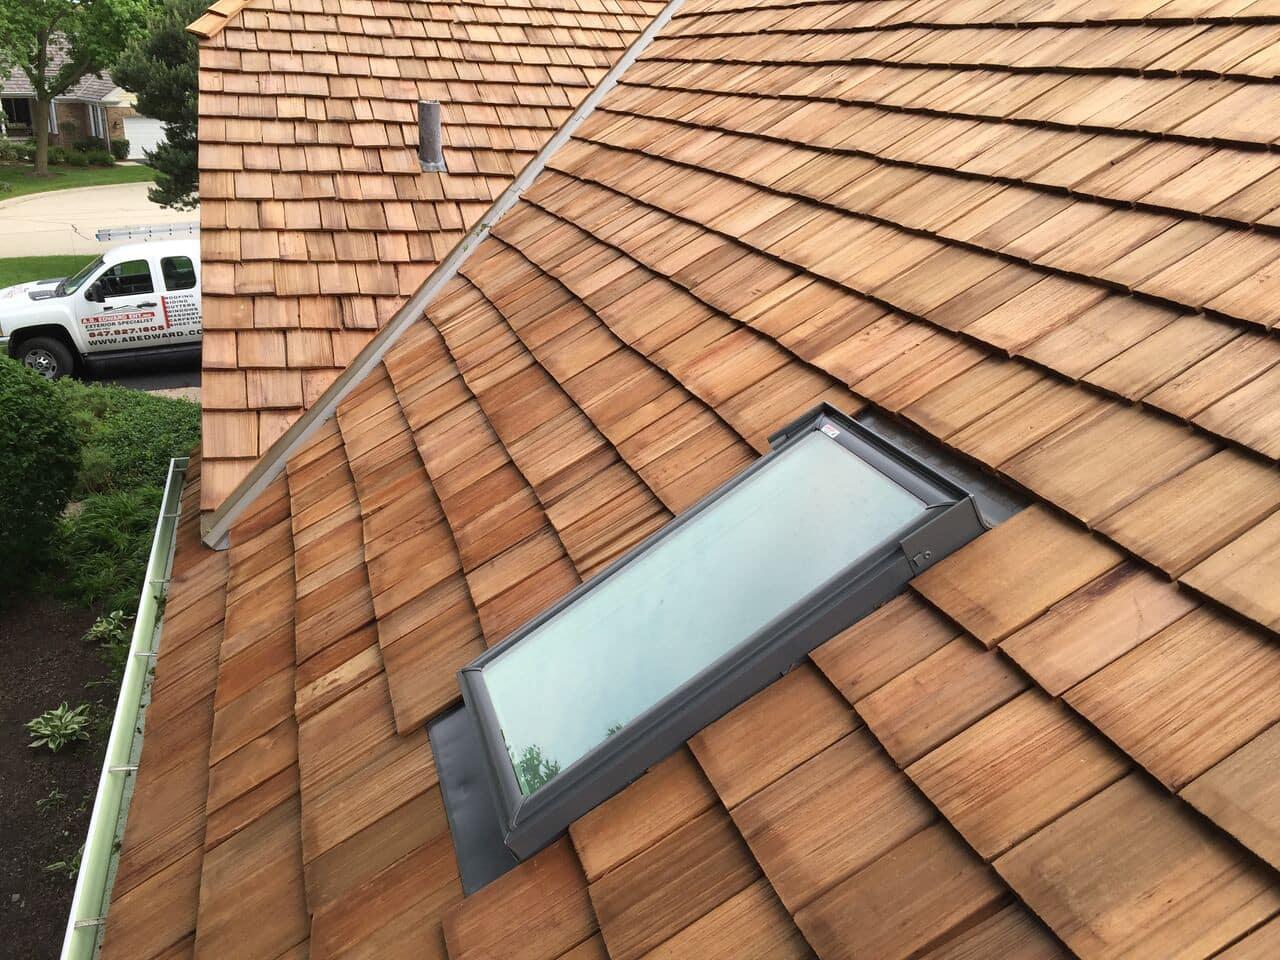 Prevent cedar roof moss growth